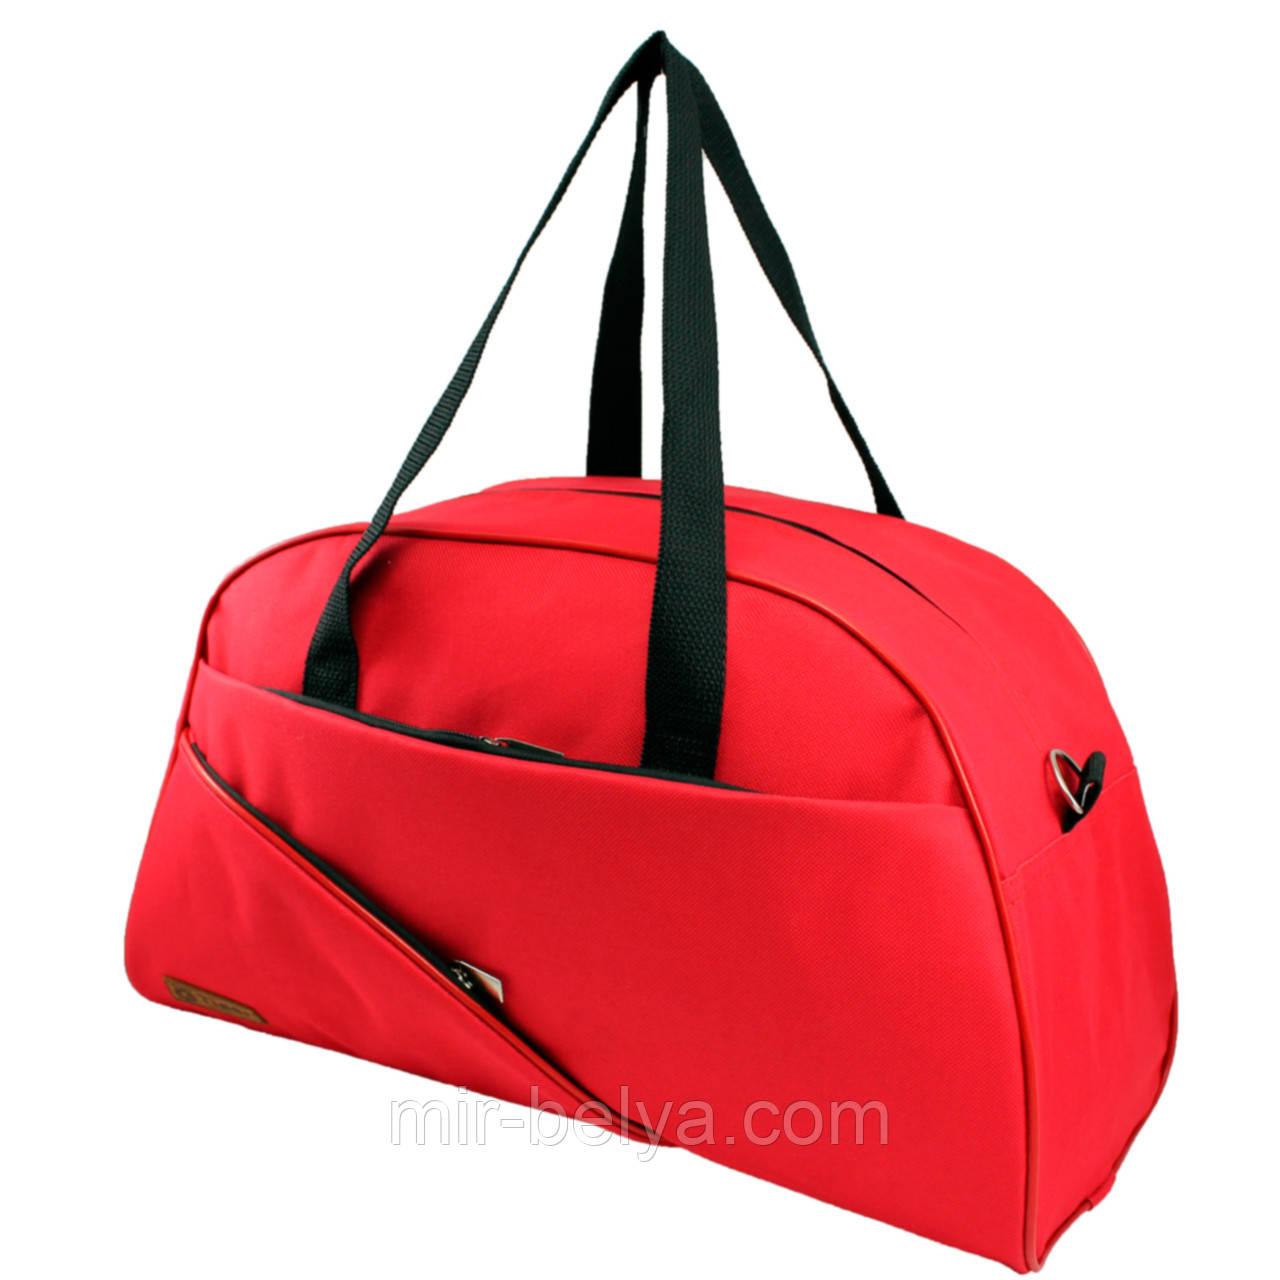 67092c655e8c Сумки фитнес Tiger спортивная сумка , цена 250 грн., купить в Киеве ...